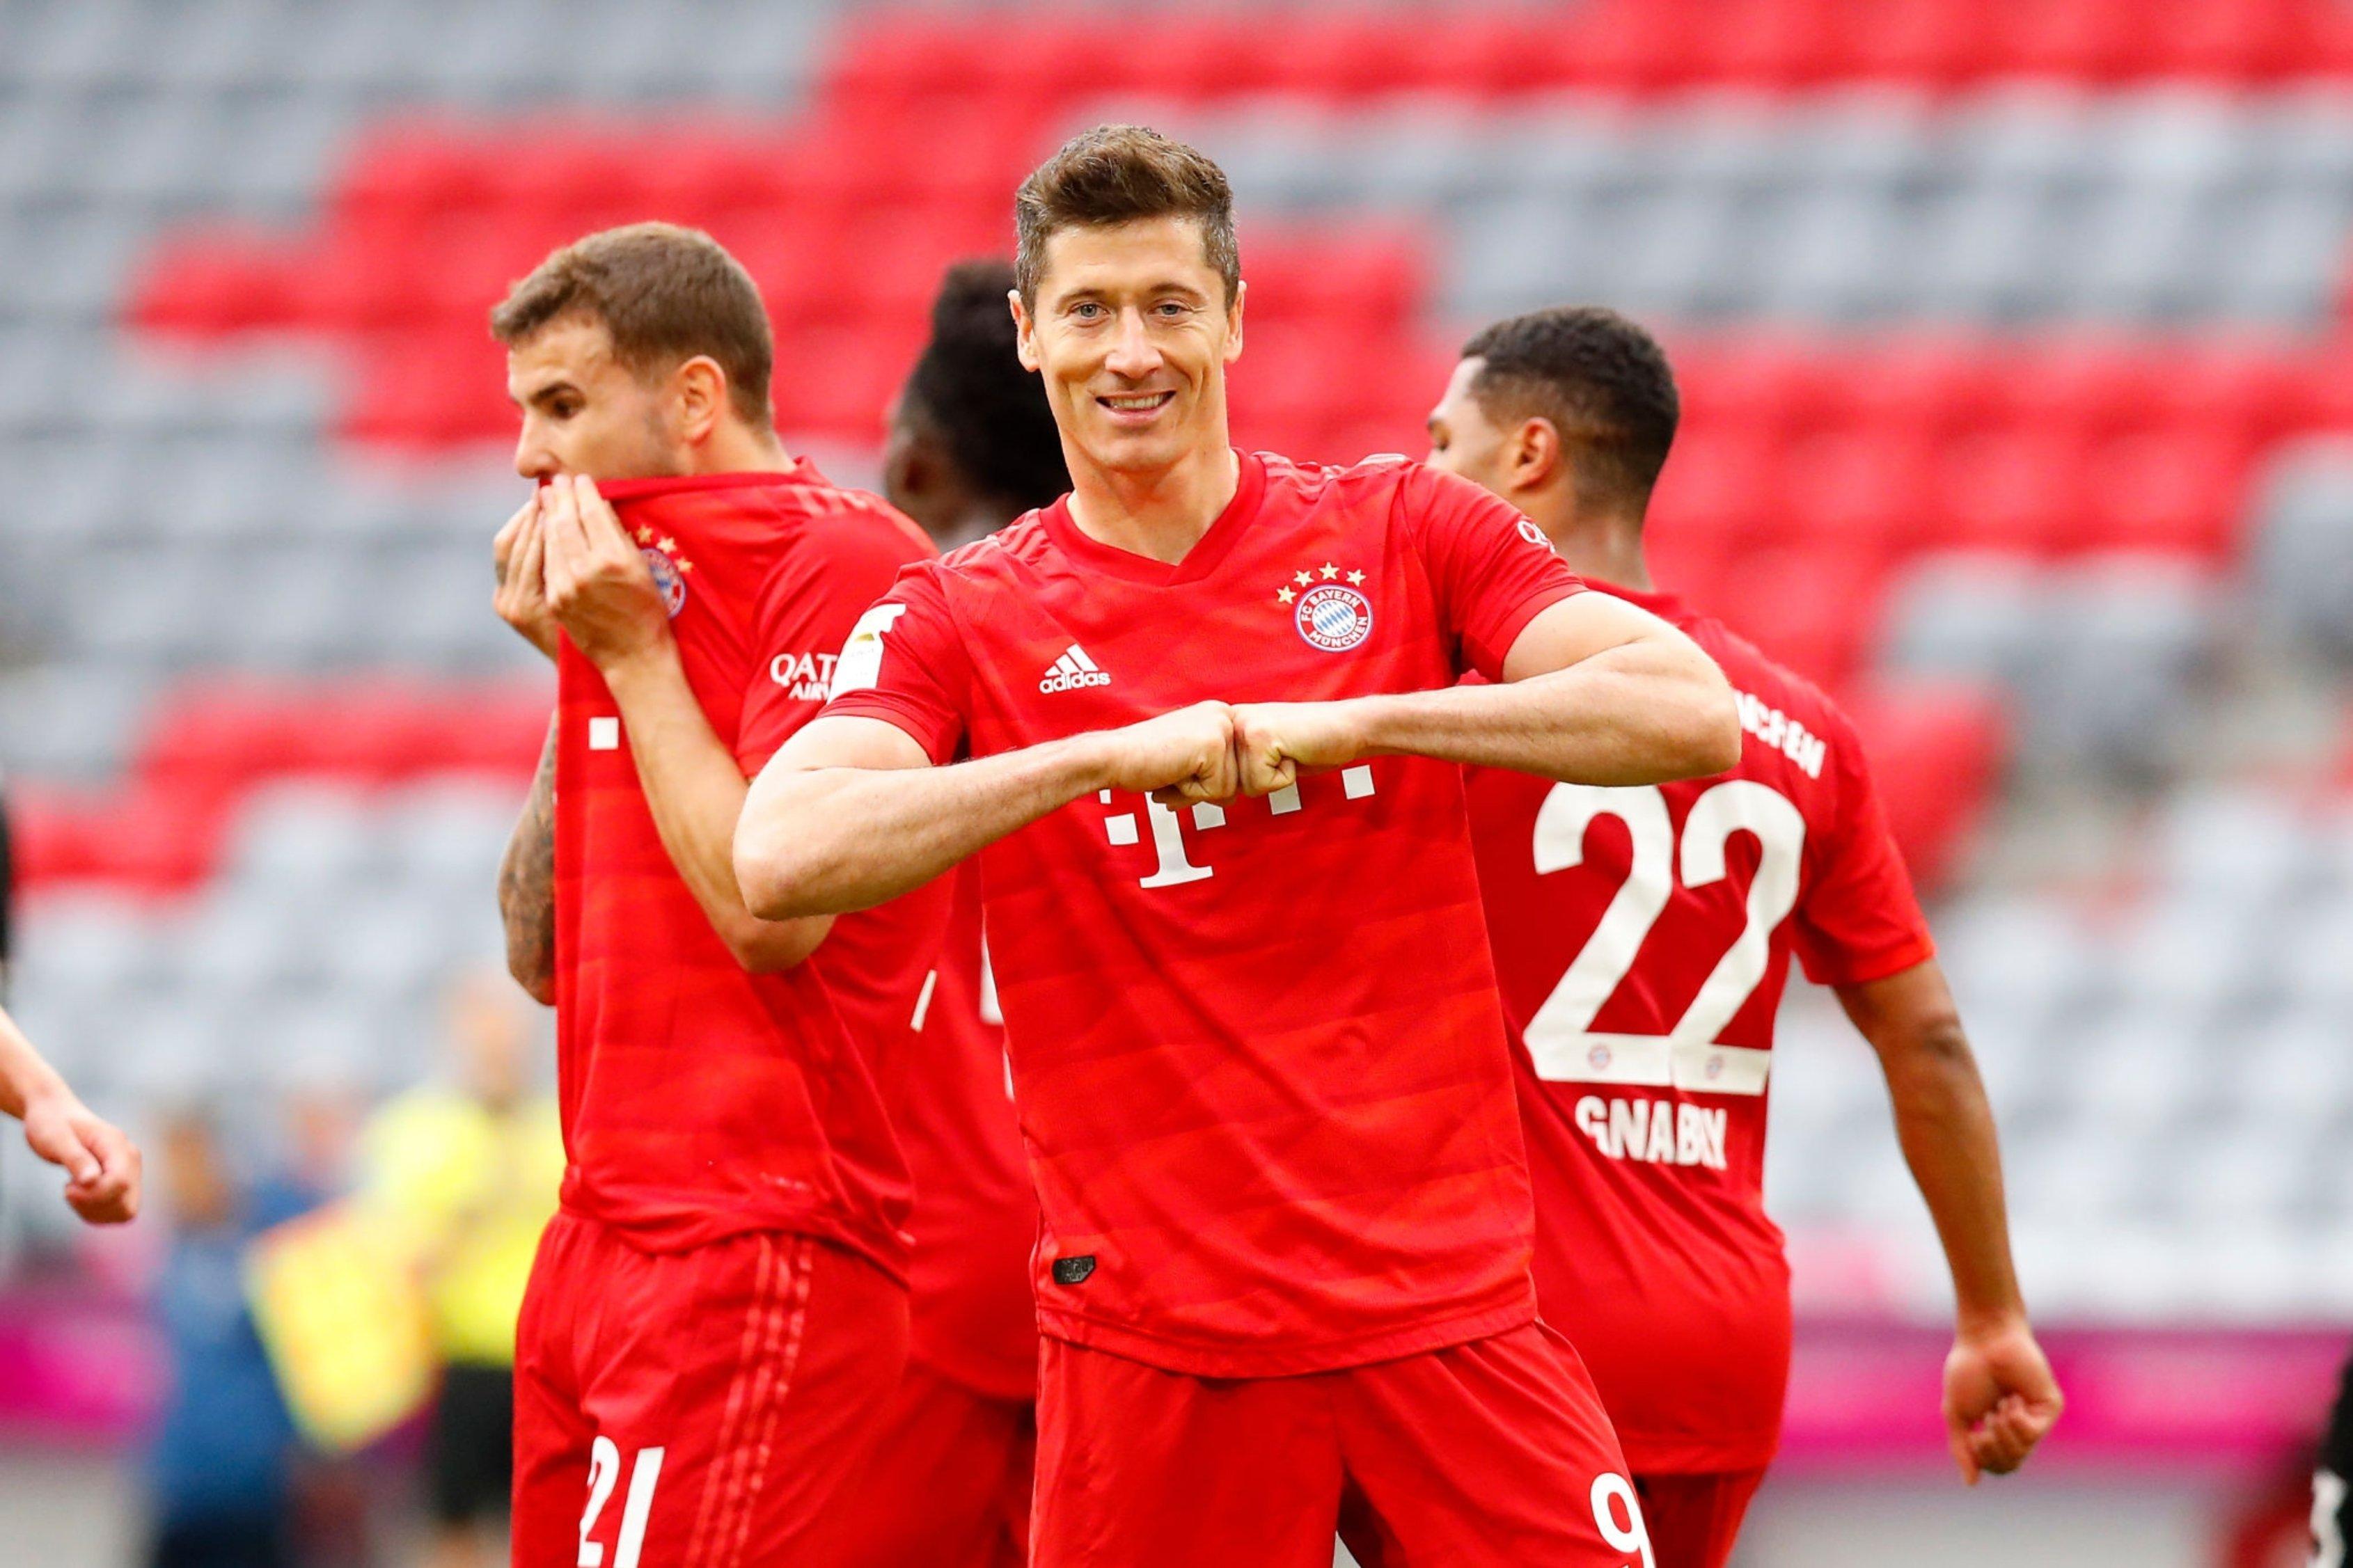 Бавария - Фортуна 5:0. Очередной идеальный матч - изображение 1